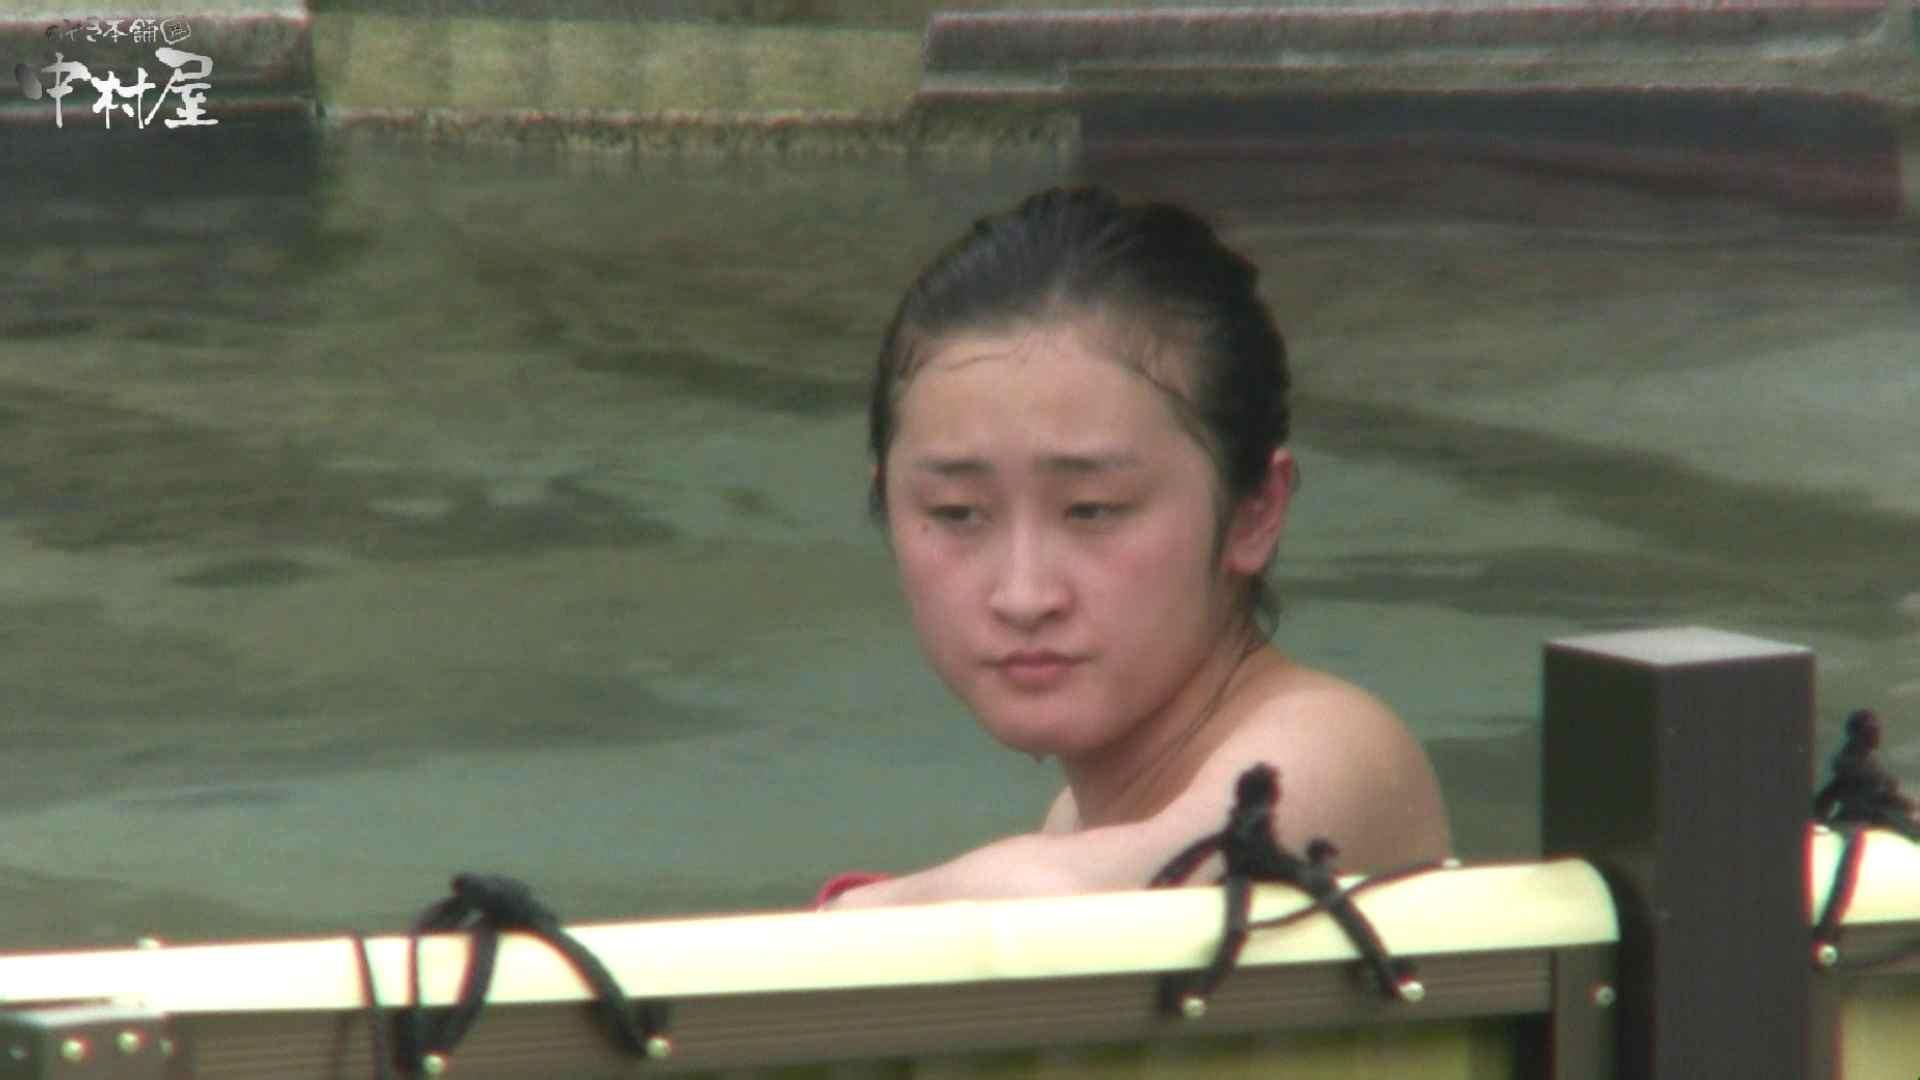 Aquaな露天風呂Vol.949 露天 | 盗撮特集  106画像 68